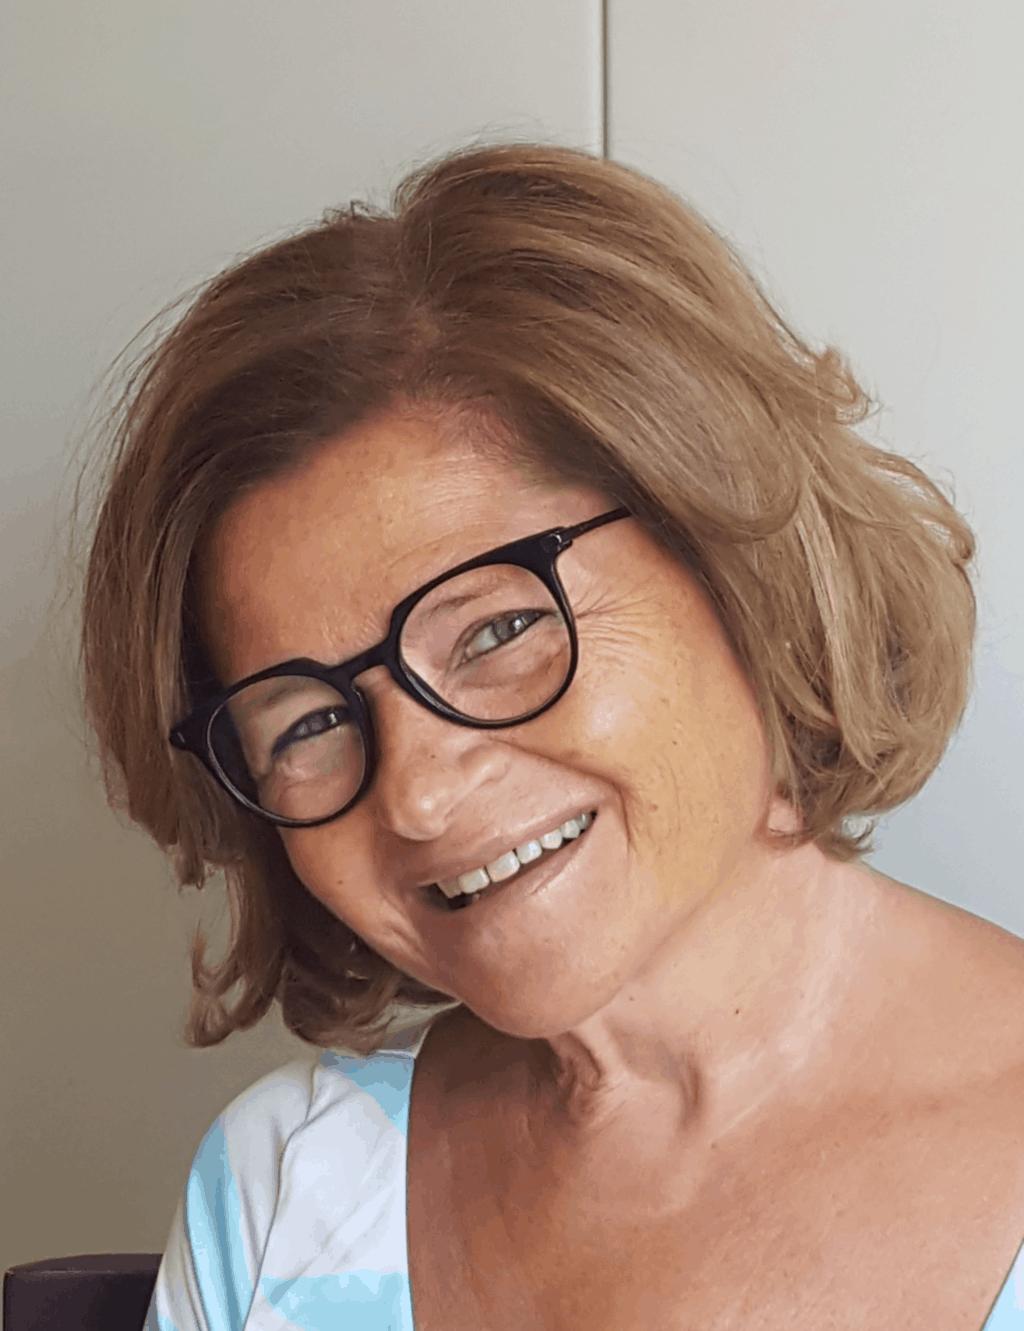 Annalisa bardi